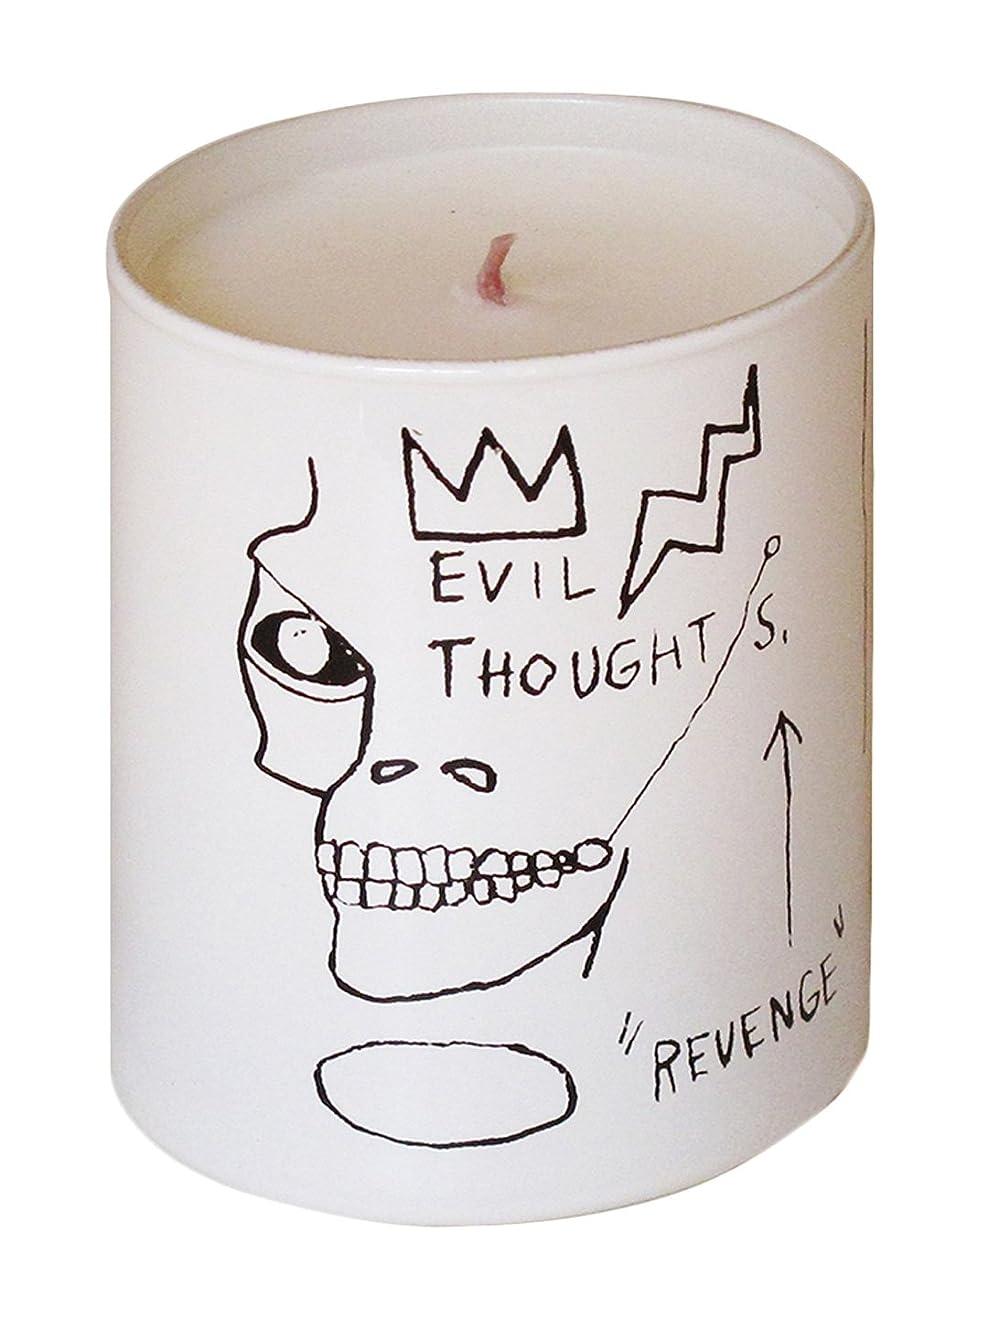 失業者破壊するイデオロギージャン ミシェル バスキア リベンジ キャンドル(Jean-Michael Basquiat Perfumed Candle